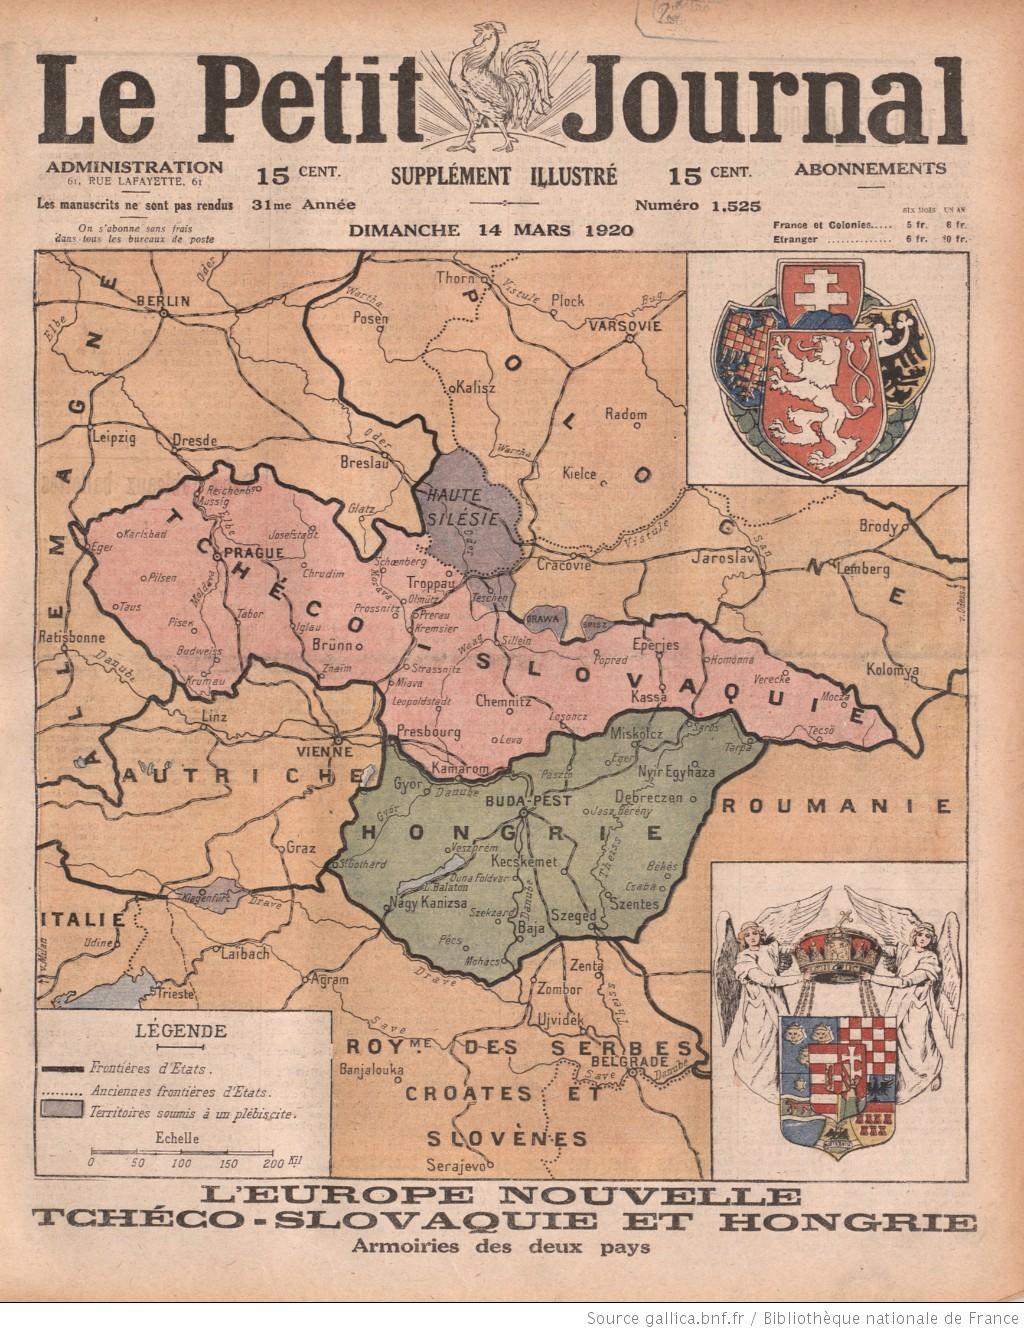 http://www.college-pevele.fr/spip/IMG/jpg/21_-_pj-14-03-1920.jpg